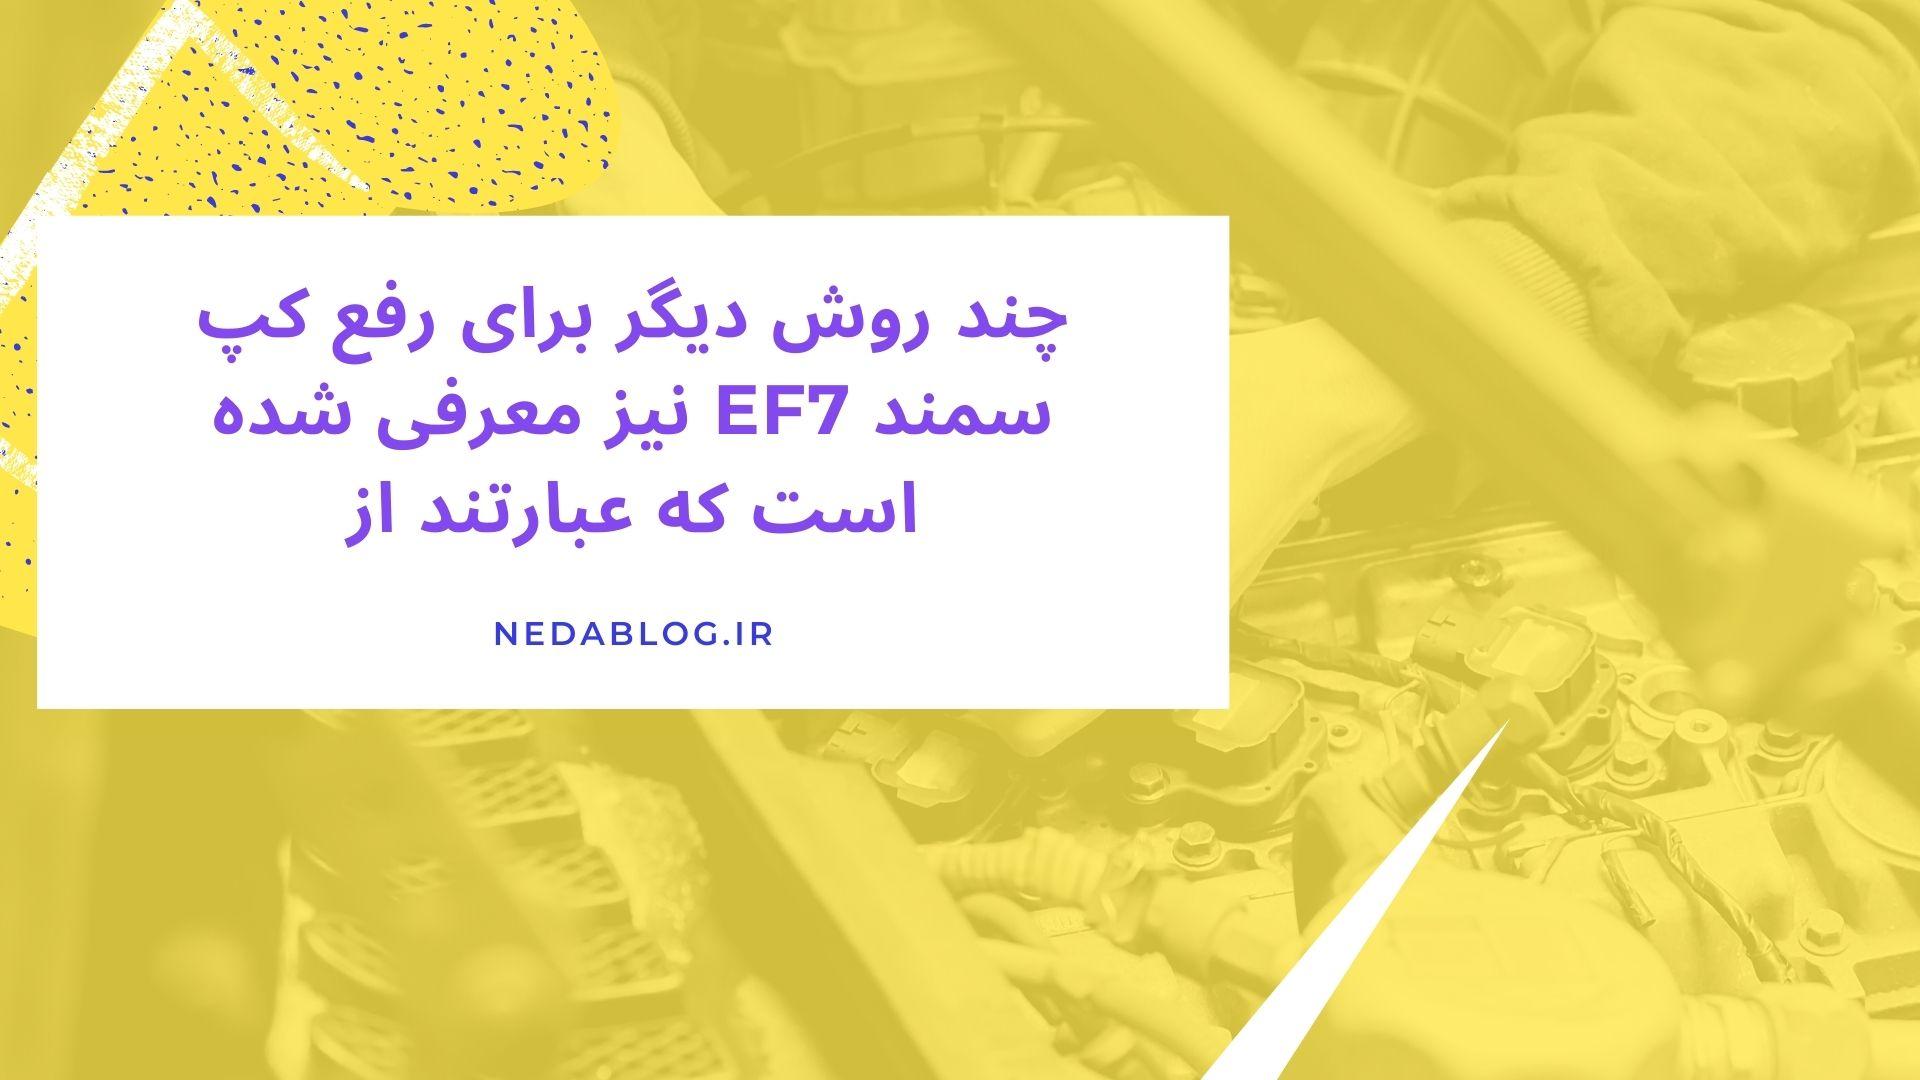 چند روش دیگر برای رفع کپ سمند EF7 نیز معرفی شده است که عبارتند از: